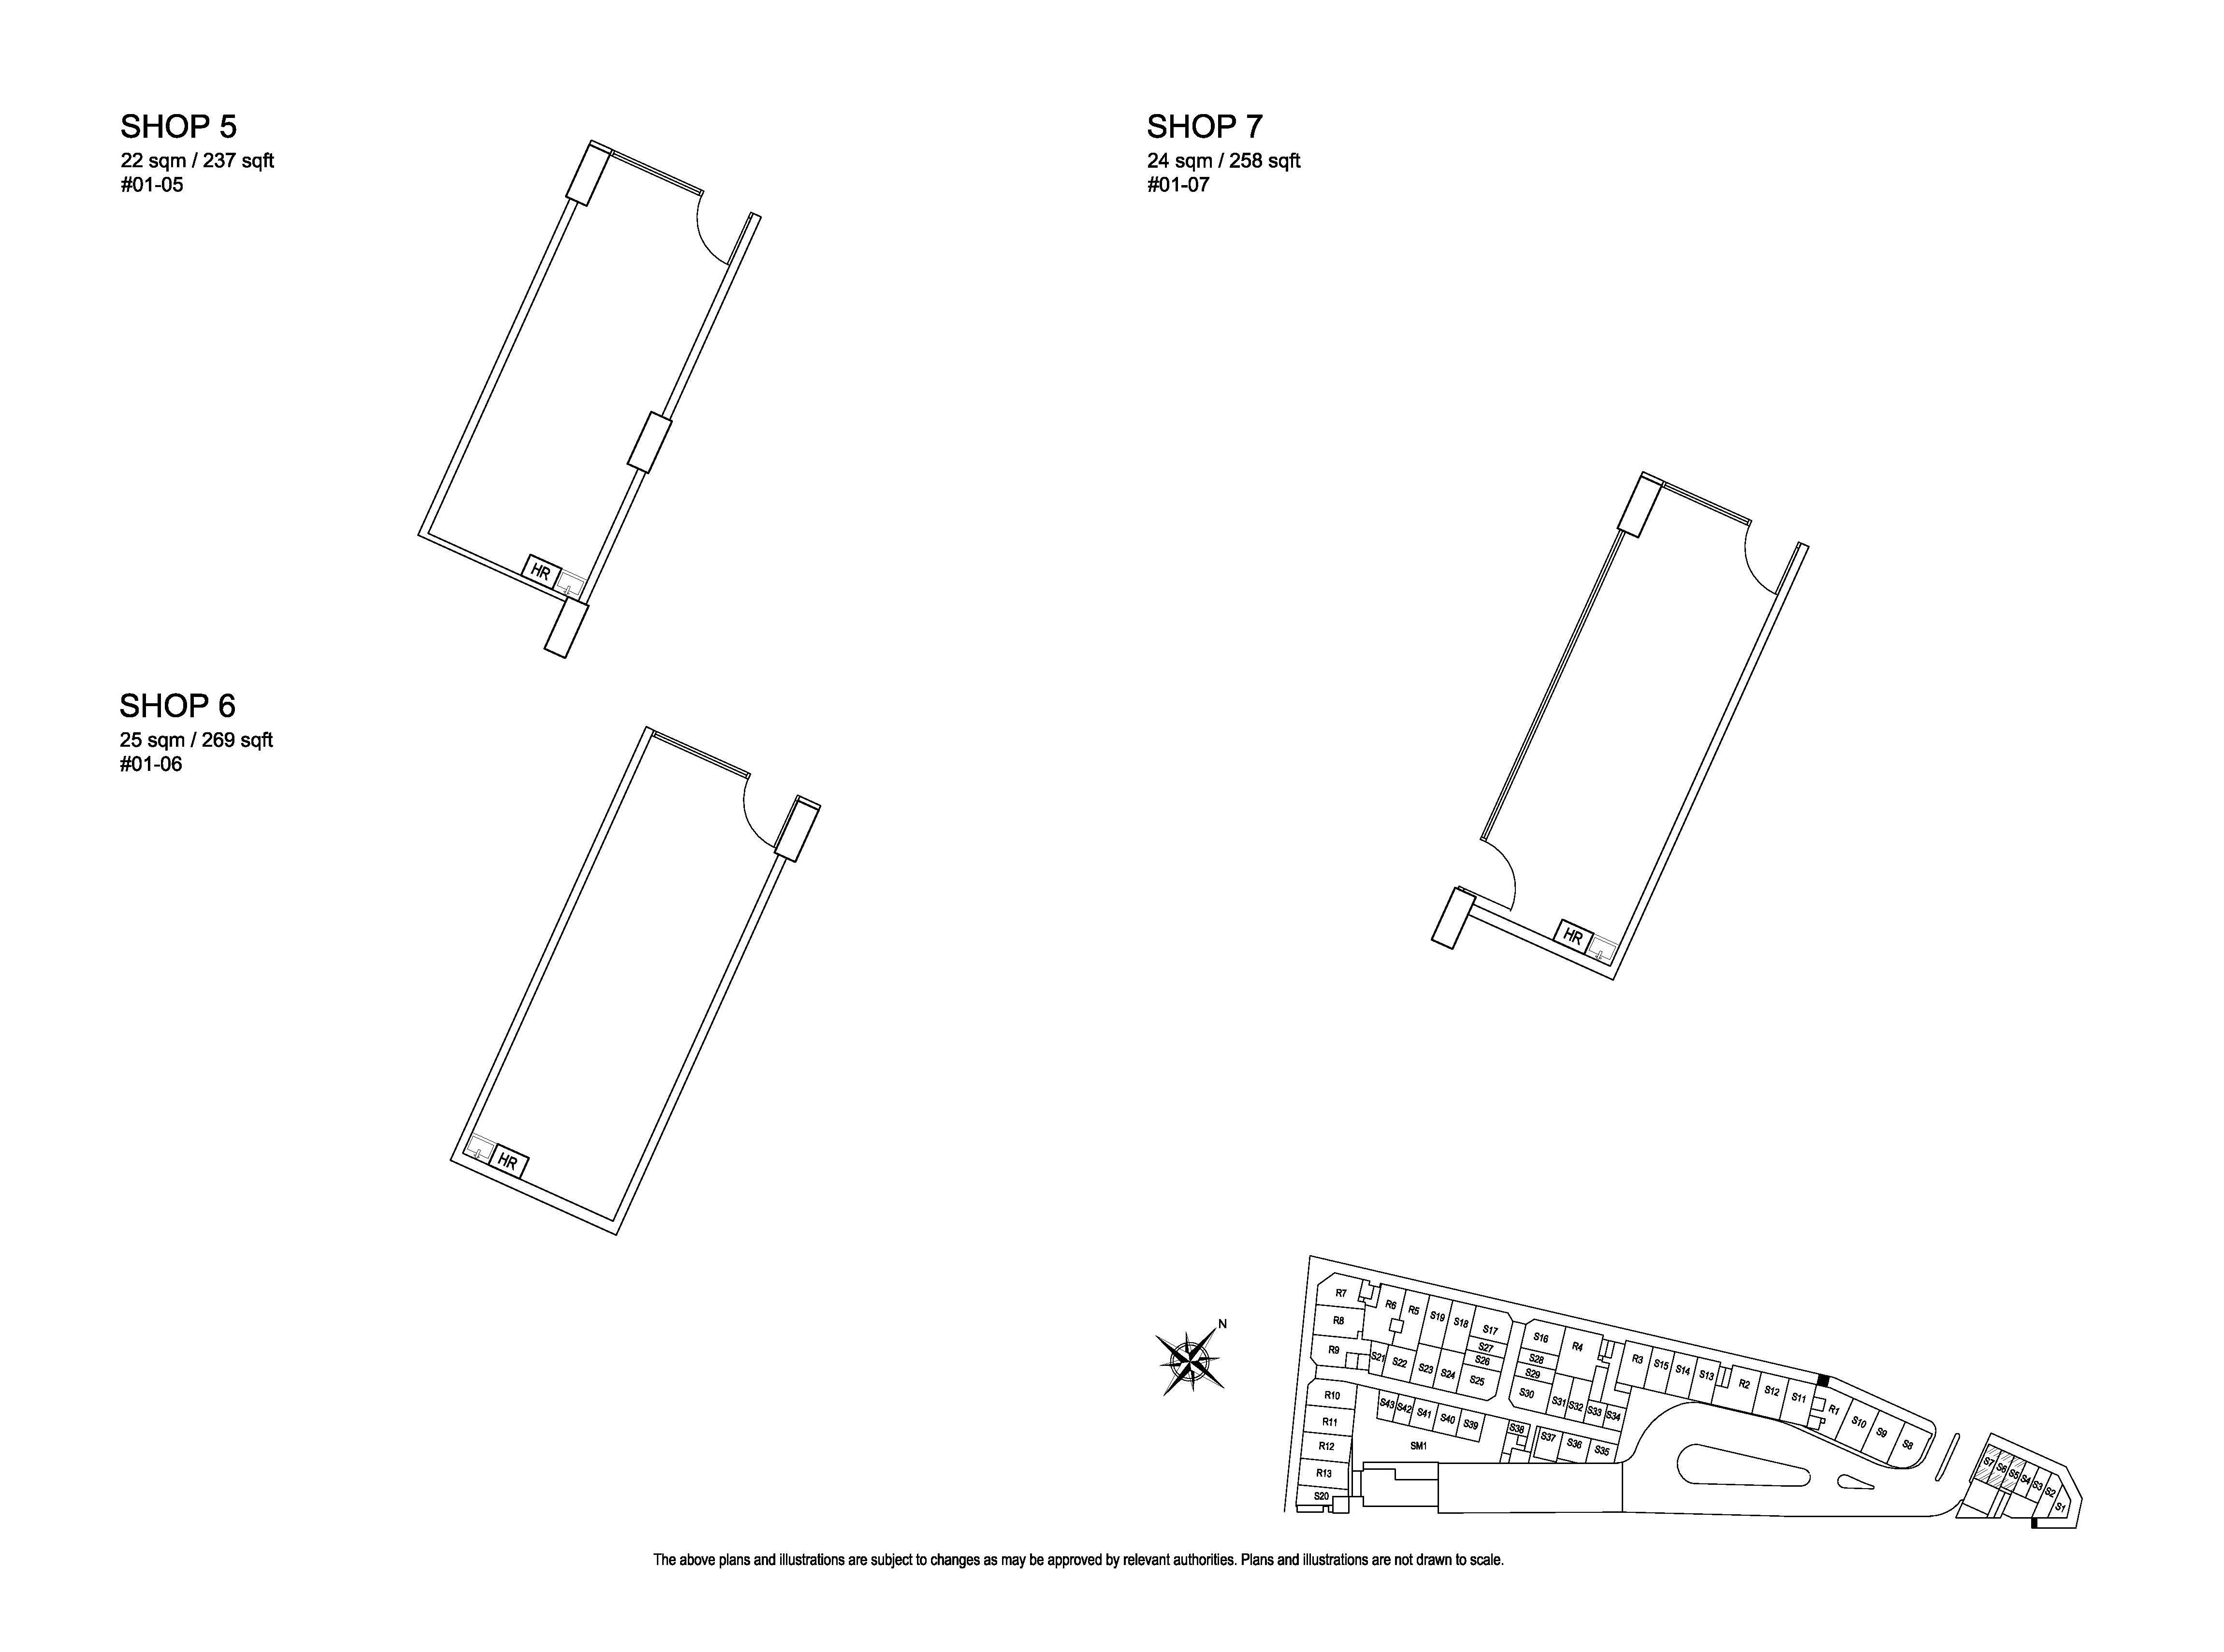 Kensington Square Retail Shop 5,6,7 Floor Plans